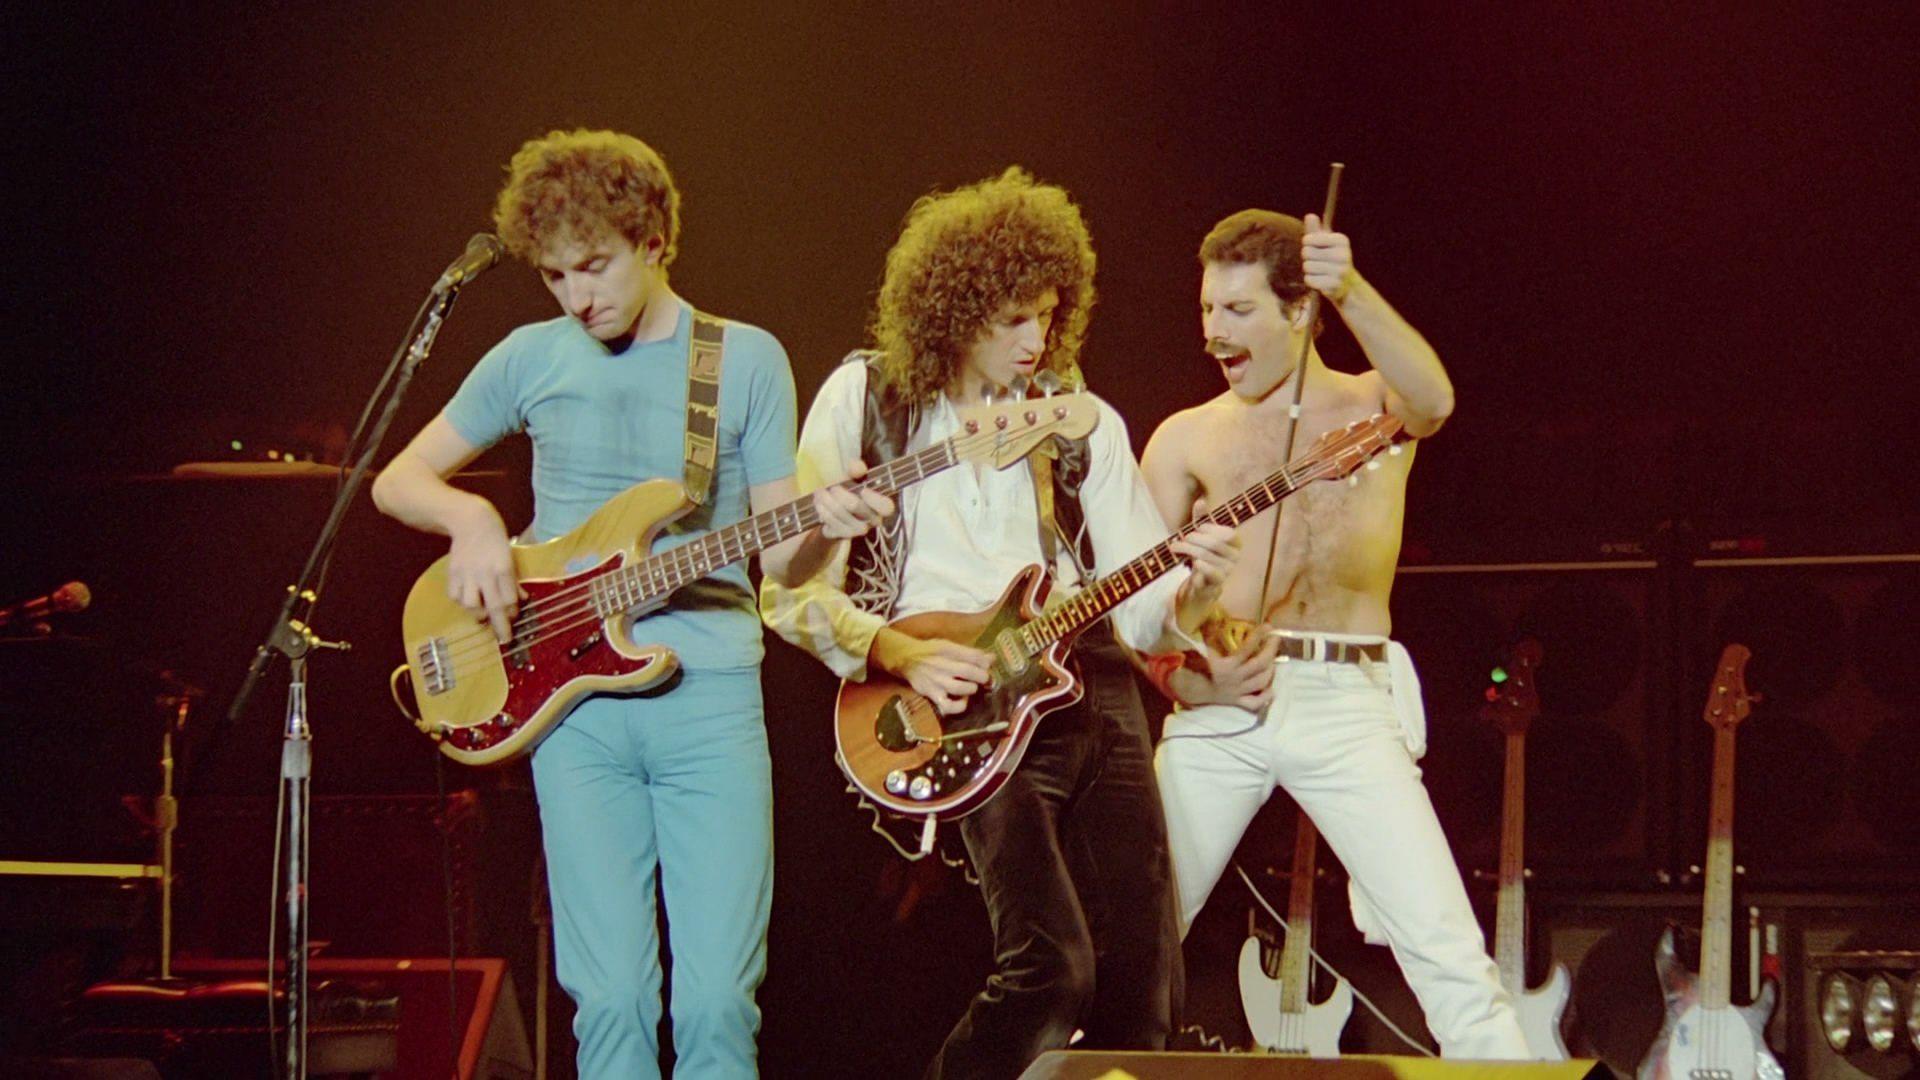 queen-rock-montreal-live-aid-50719751904b5.jpg